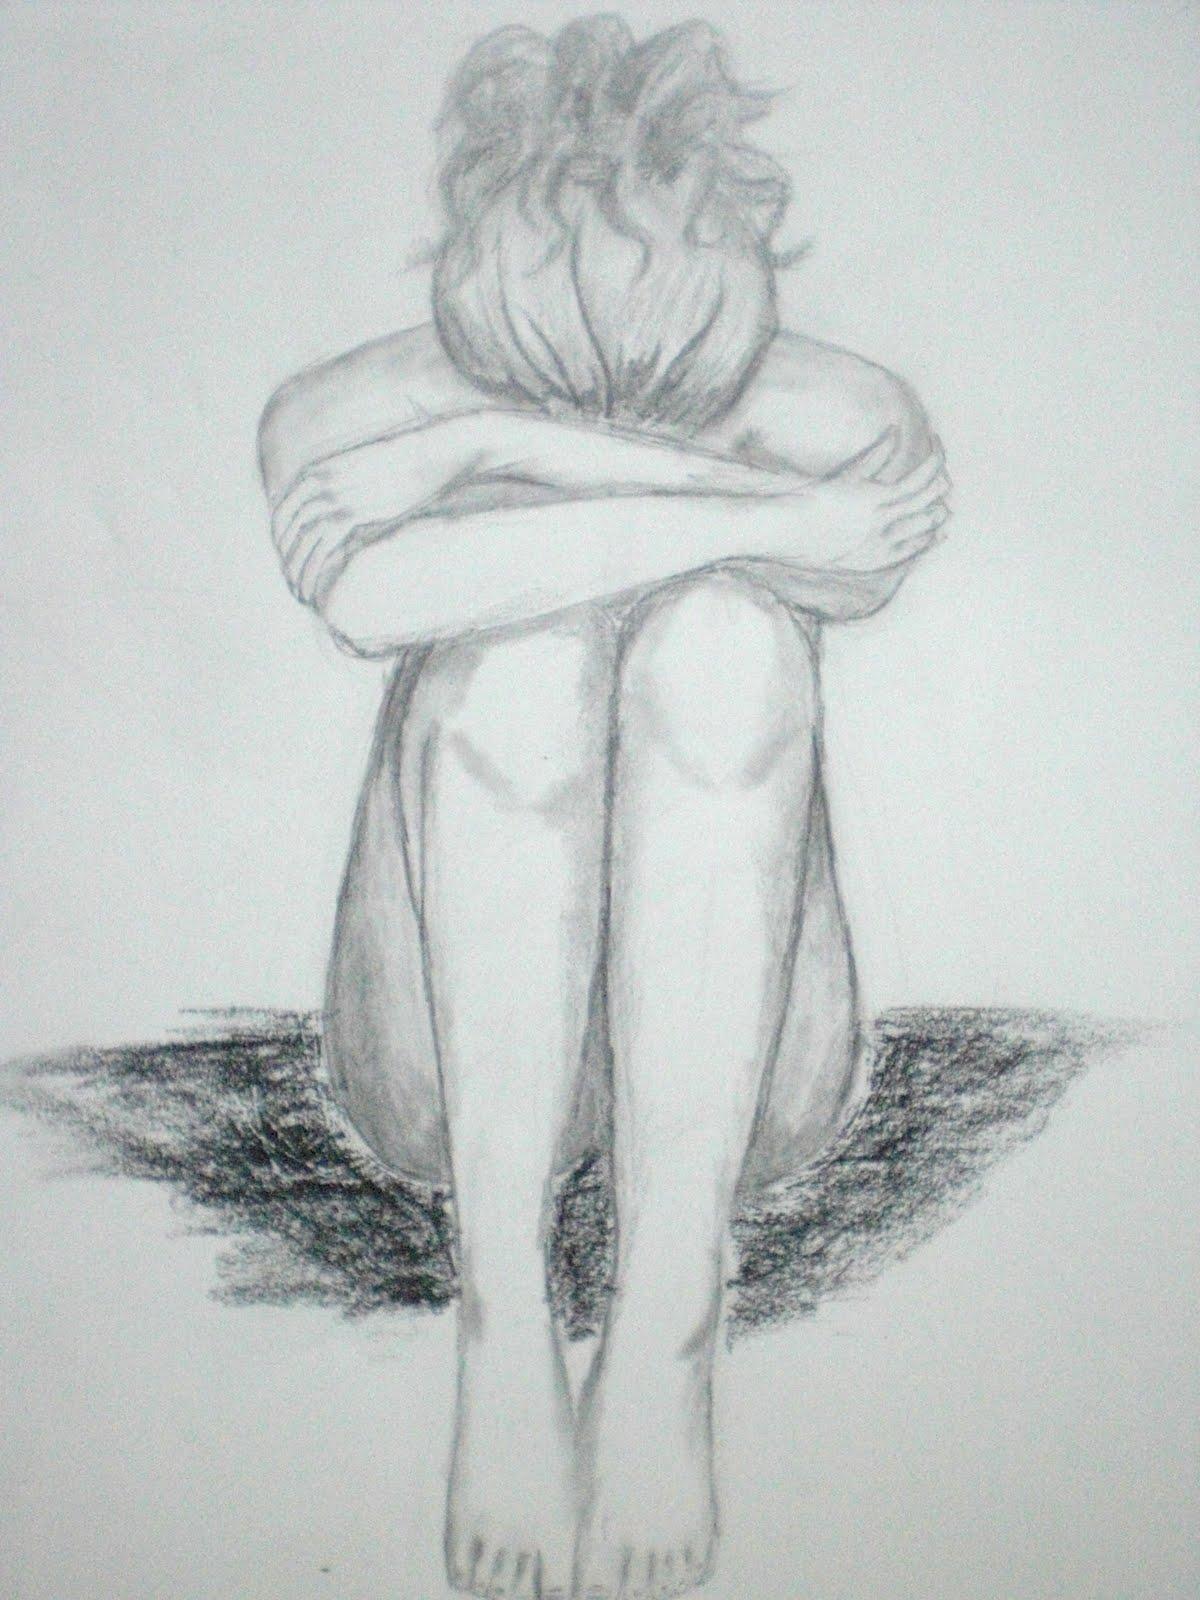 kane blog picz: Wallpaper Crying Girl